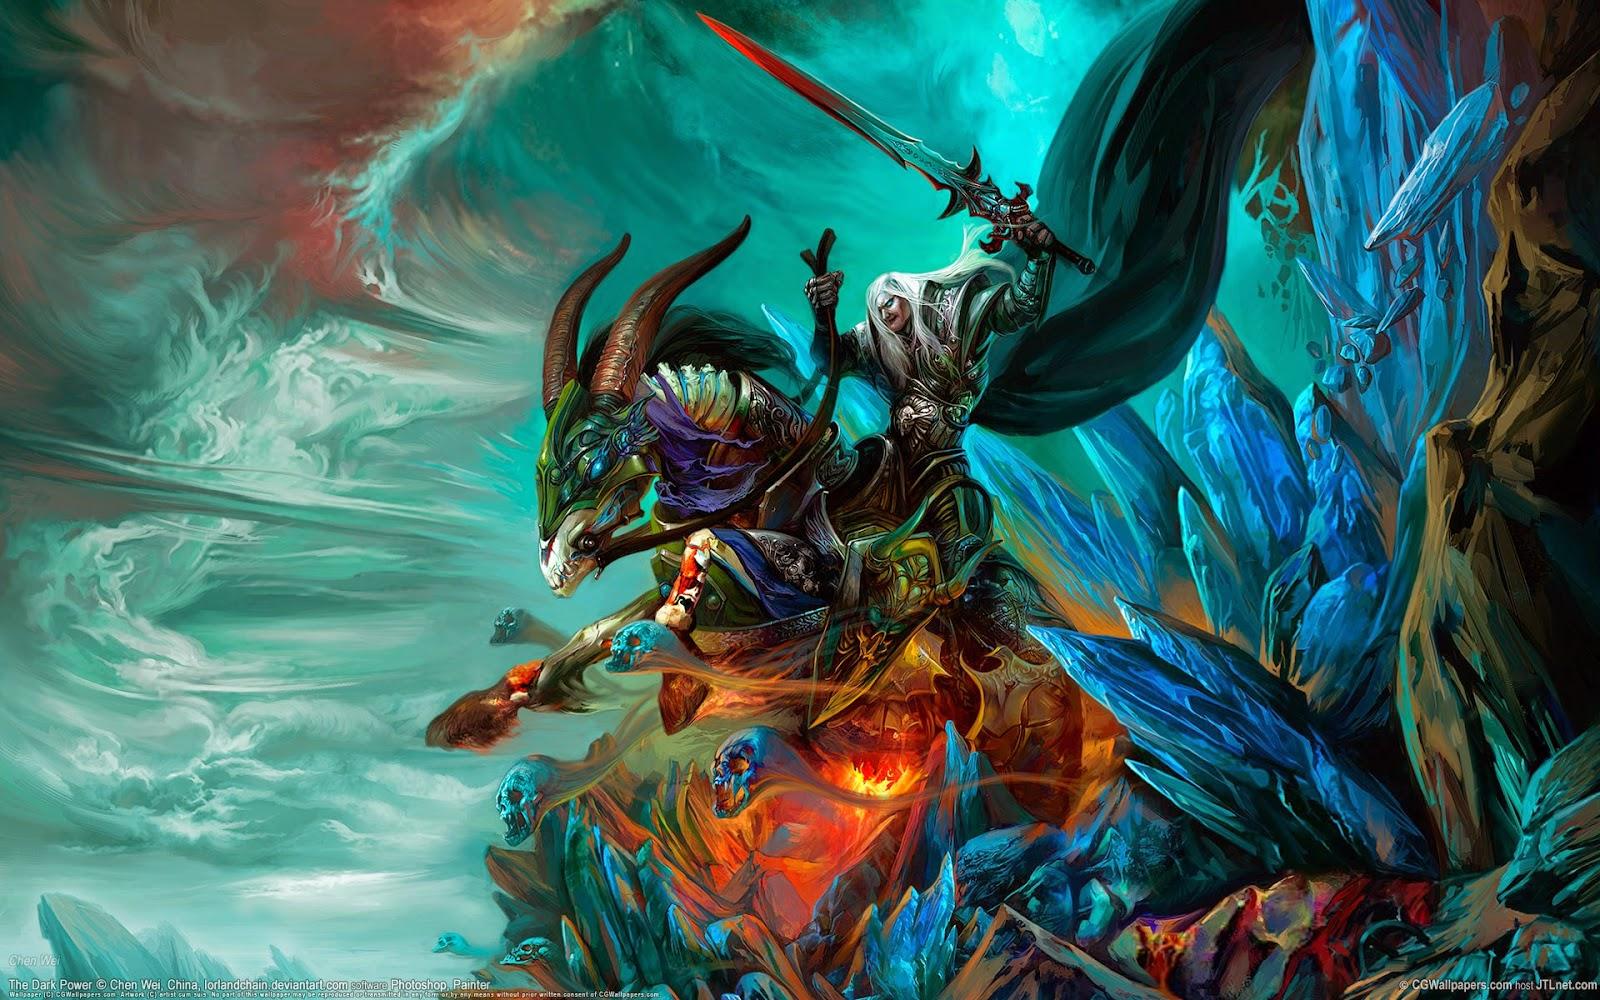 monster dragon digital cg art wallpaper by chen wei